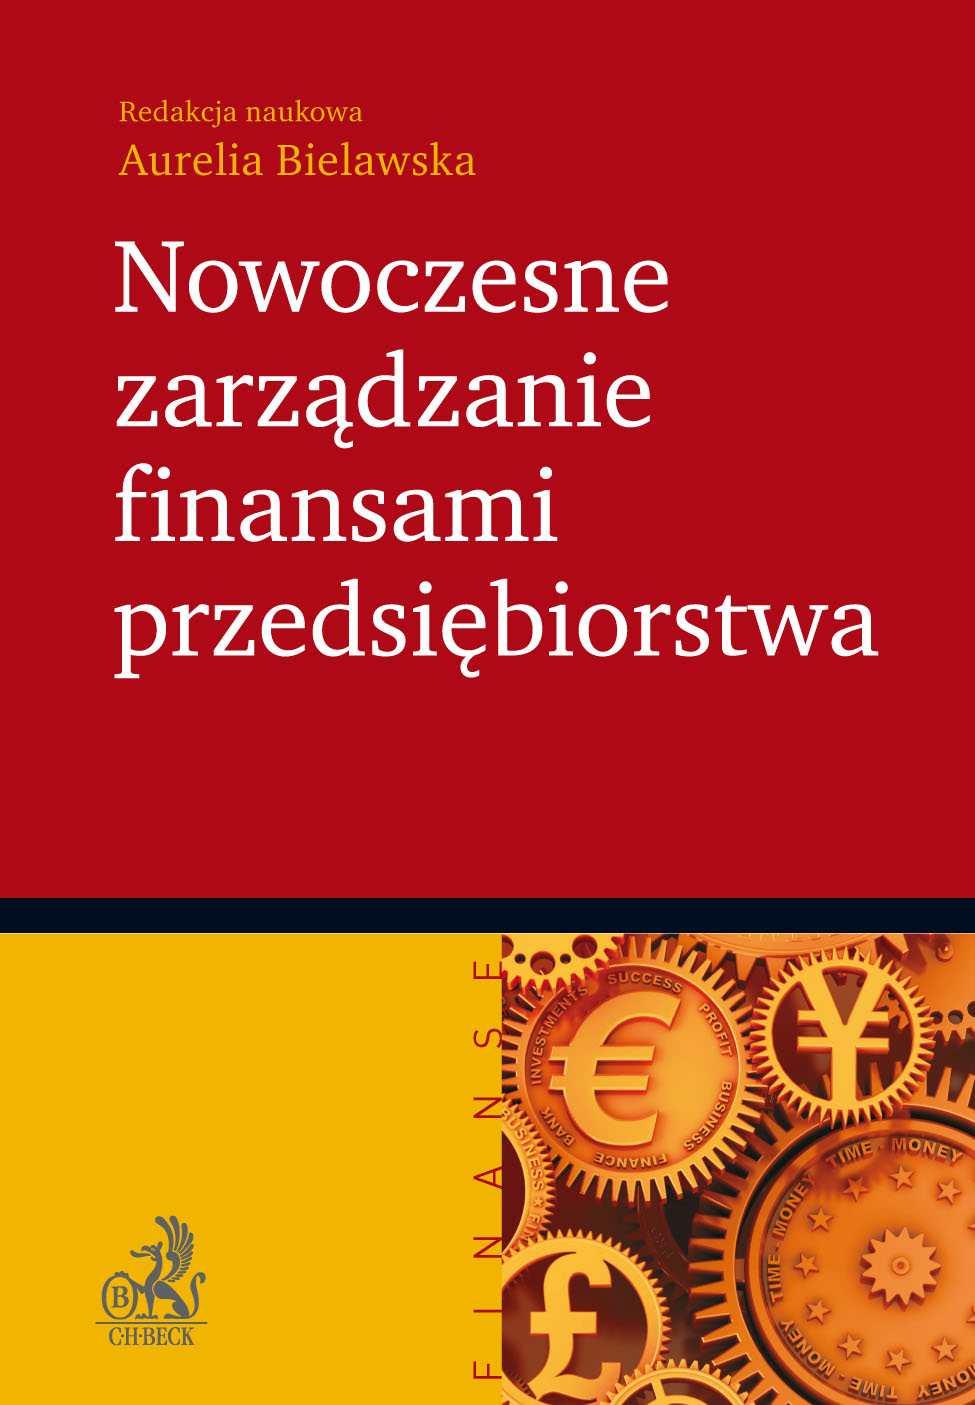 Nowoczesne zarządzanie finansami przedsiębiorstwa - Ebook (Książka PDF) do pobrania w formacie PDF